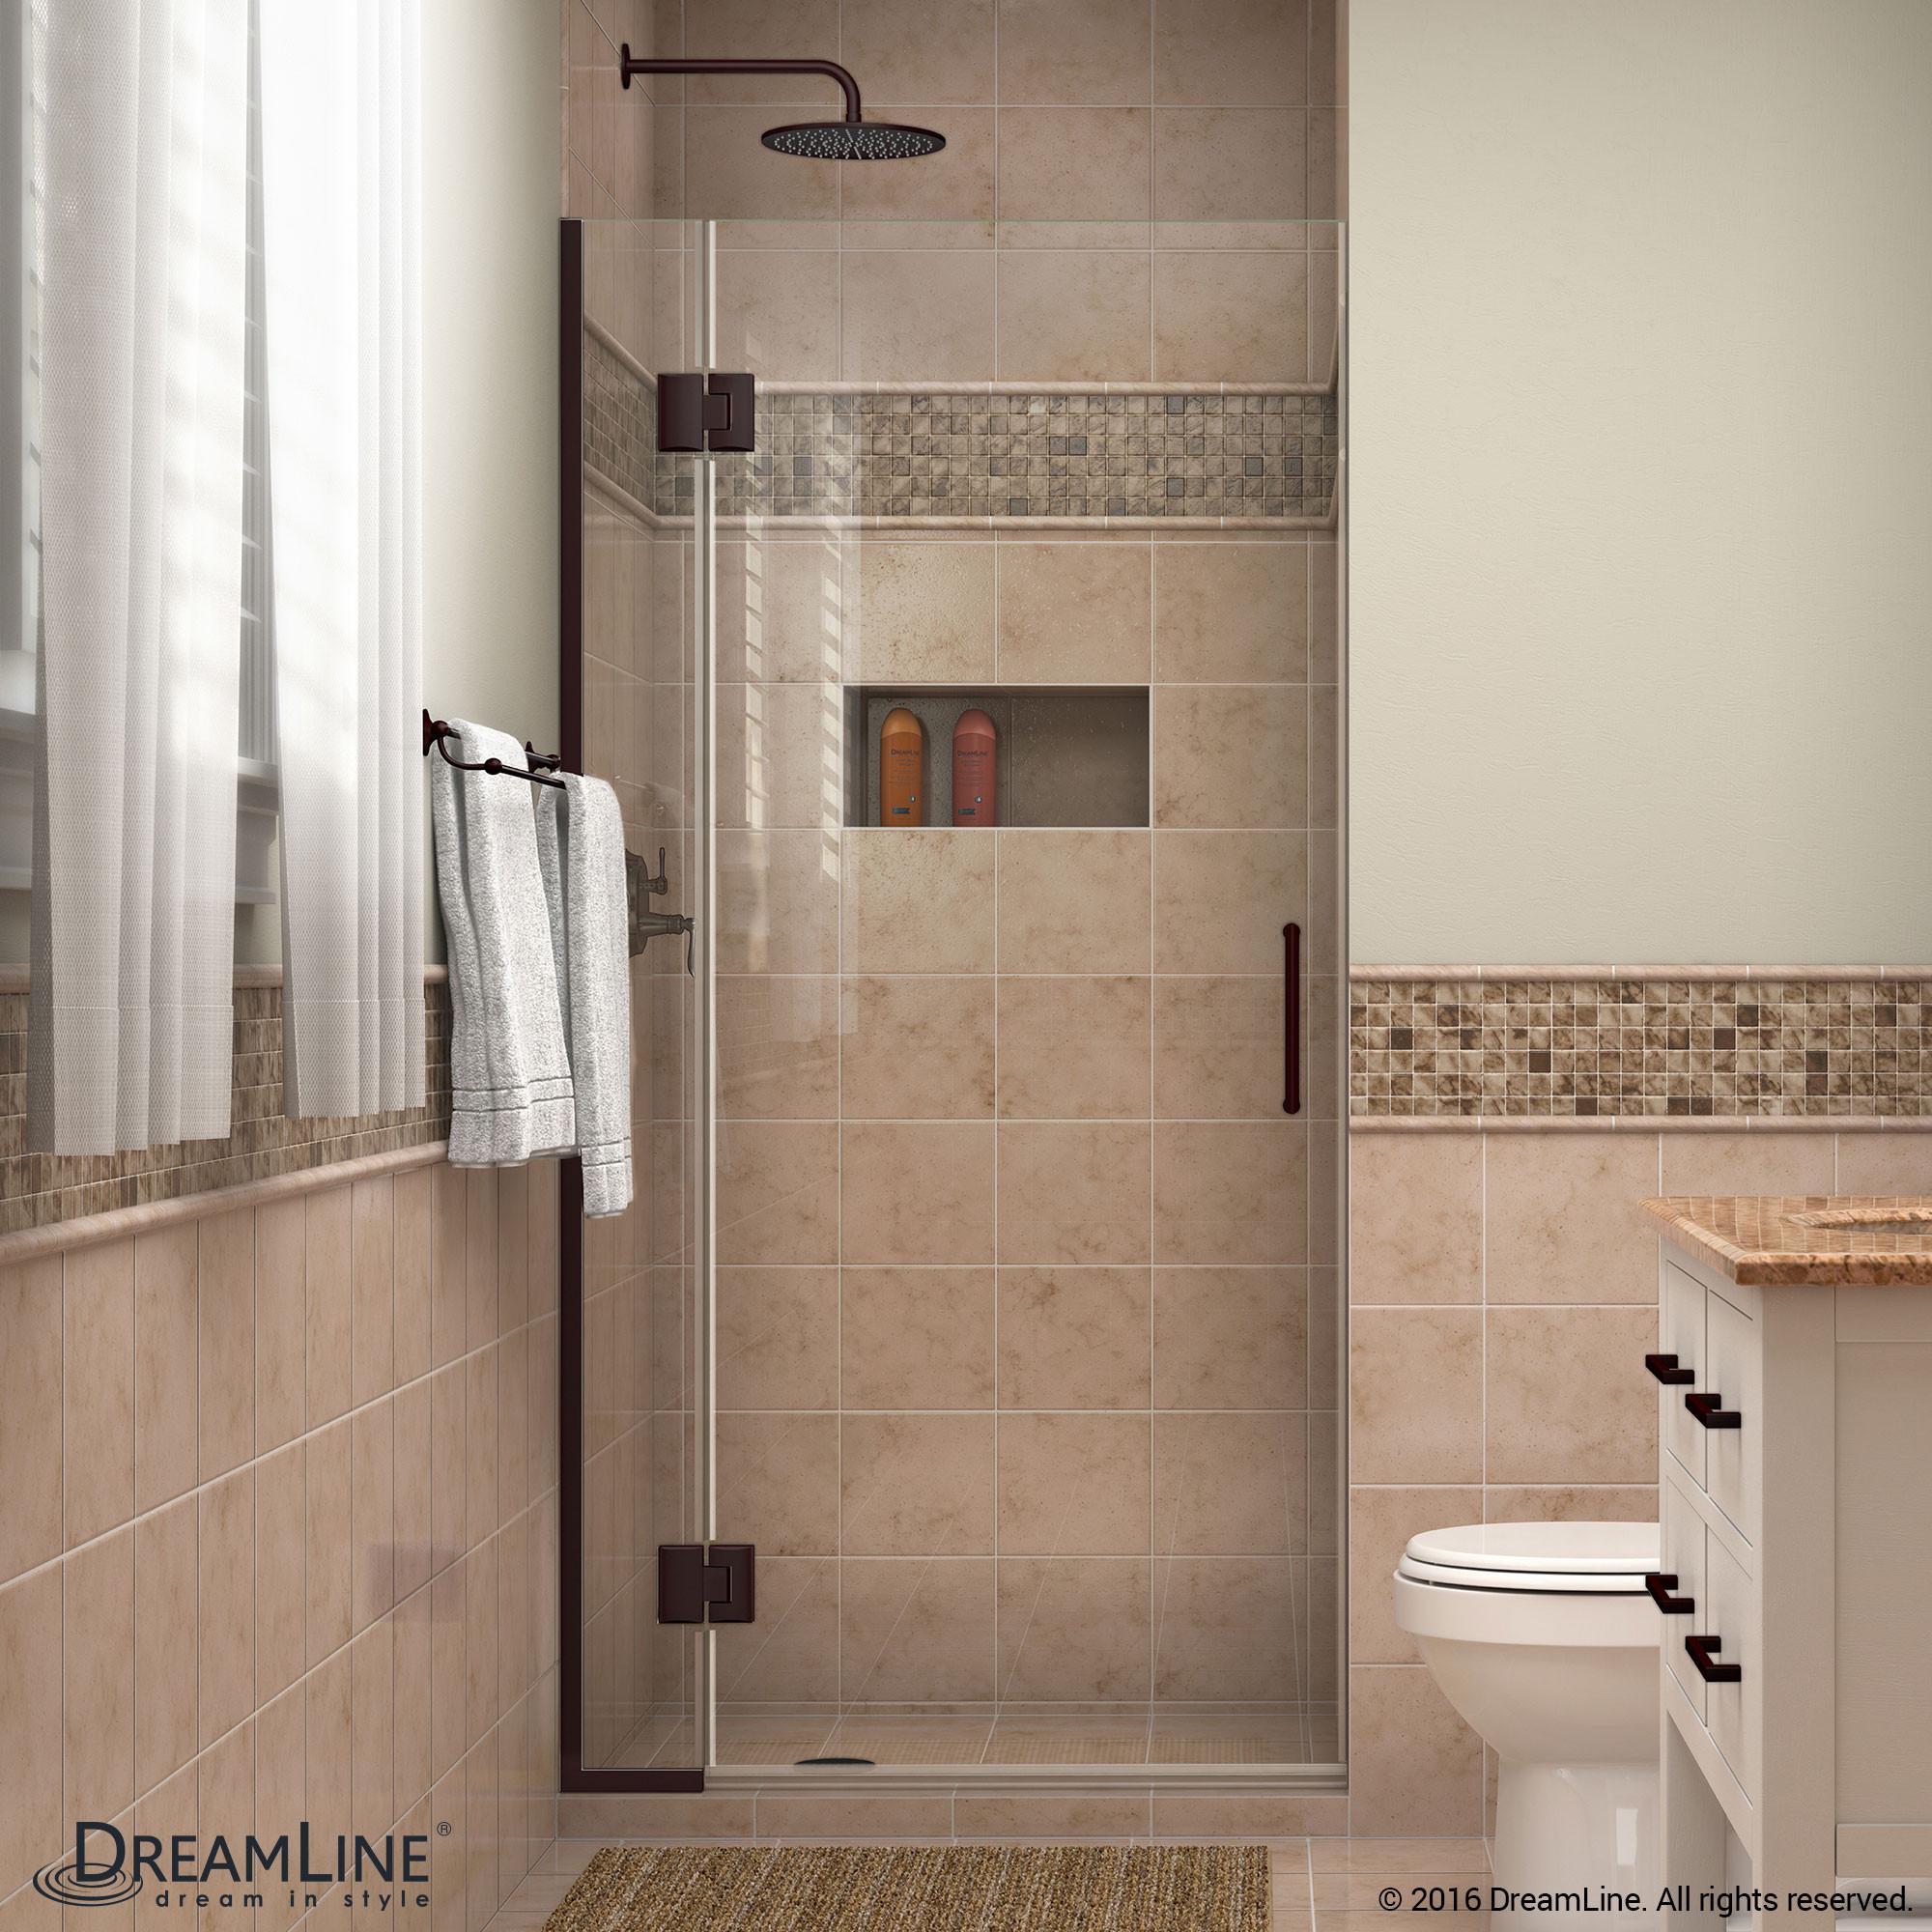 DreamLine D12672-06 Unidoor-X 32 in. W x 72 in. H Hinged Shower Door in Oil Rubbed Bronze Finish